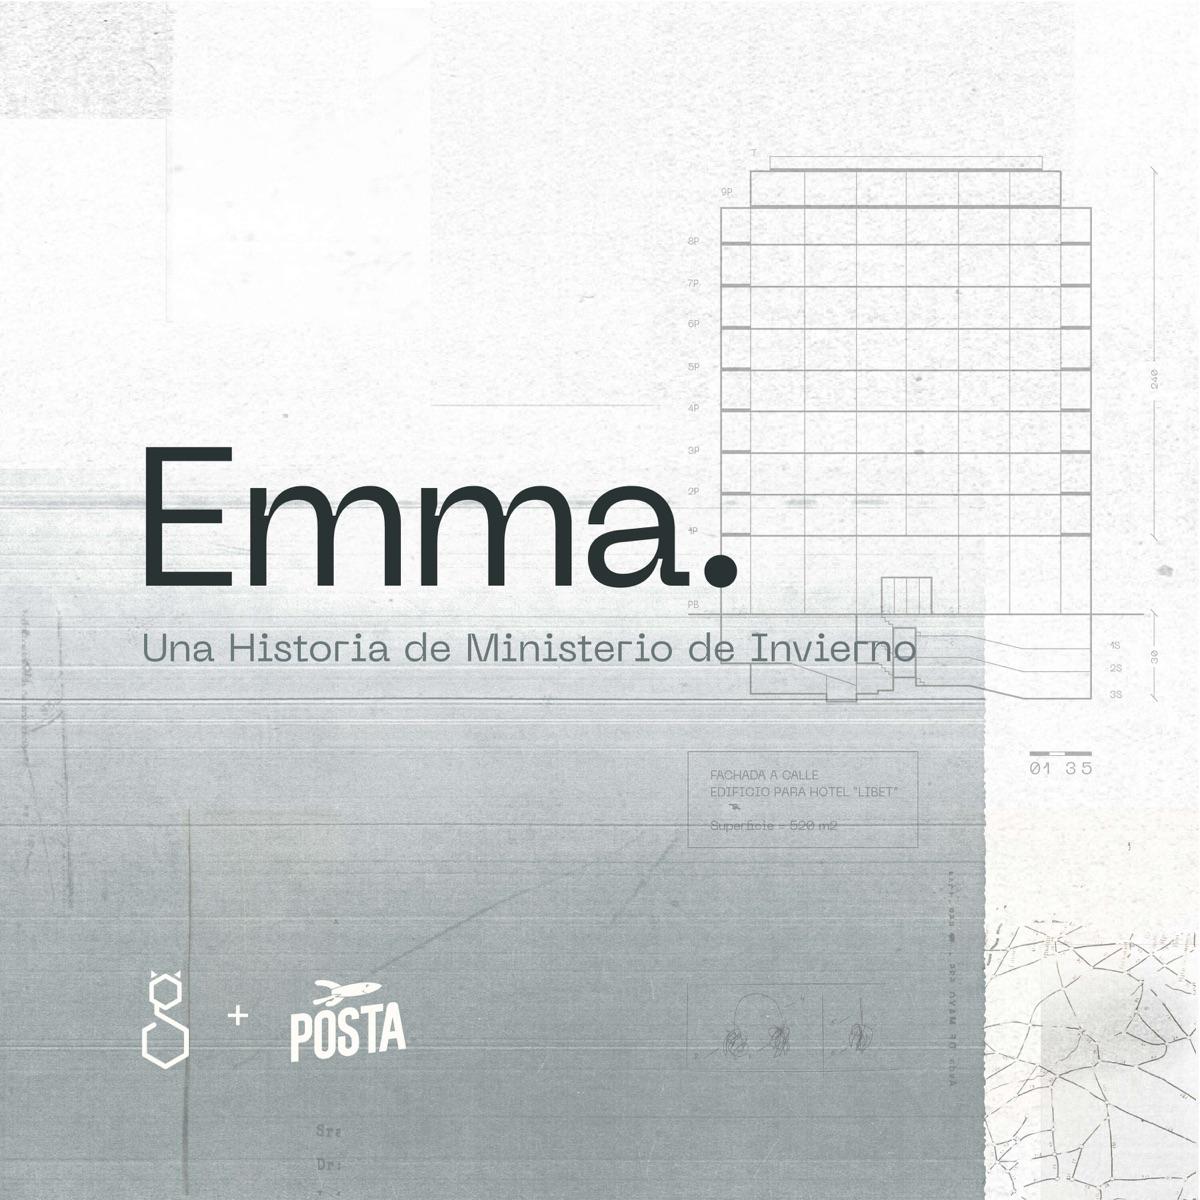 Emma: Una historia de Ministerio de Invierno